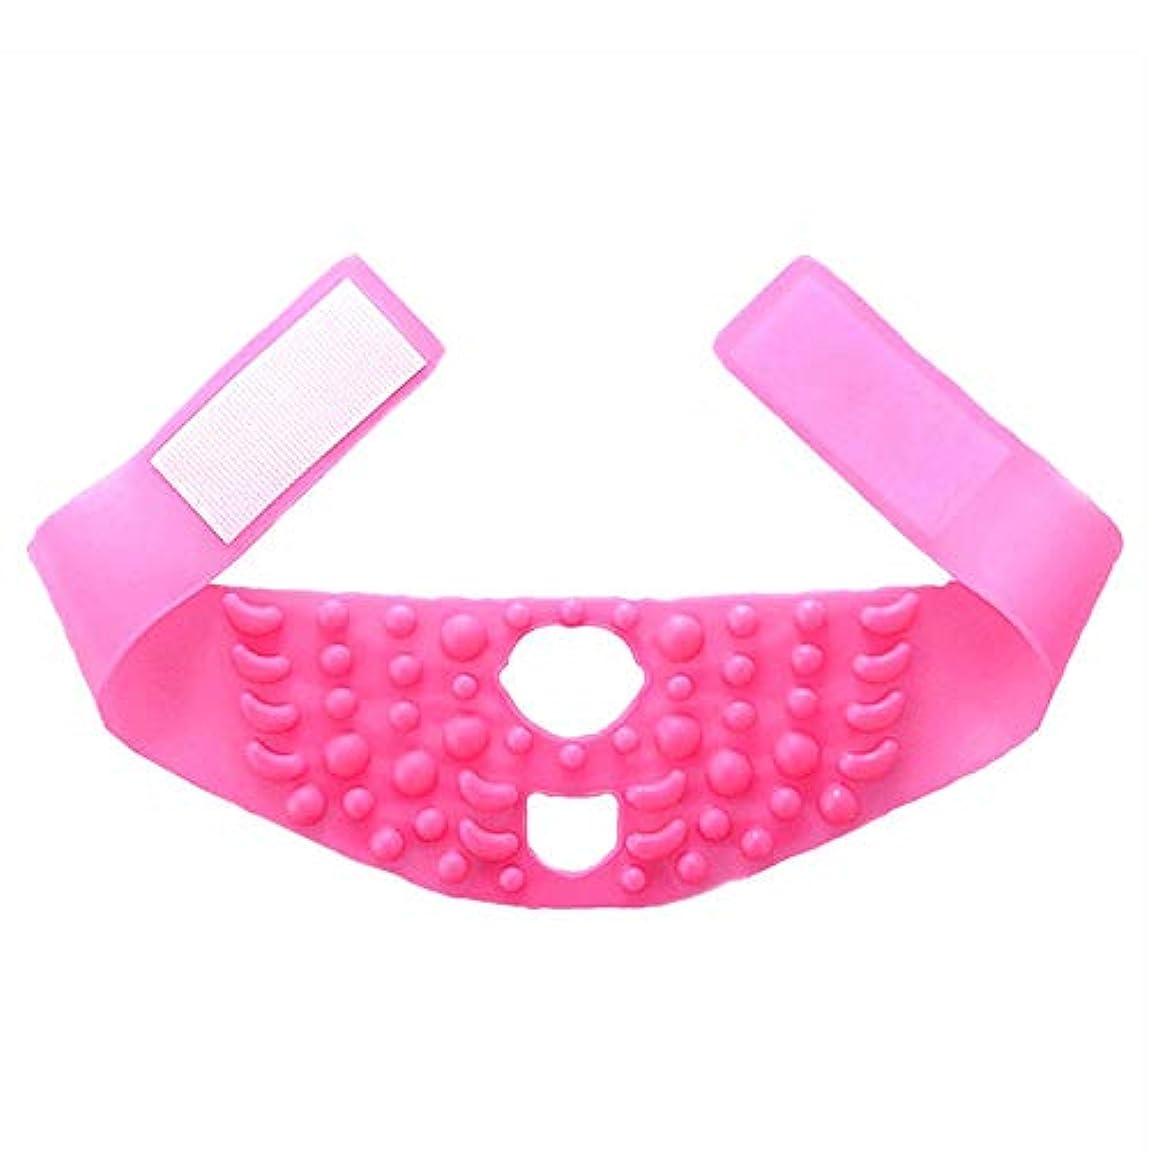 平方再撮りセーブJia Jia- シンフェイスマスクシリコーンマッサージ引き締まった形の小さなVフェイスリフティングに薄いフェイスアーティファクト包帯を飾る - ピンク 顔面包帯